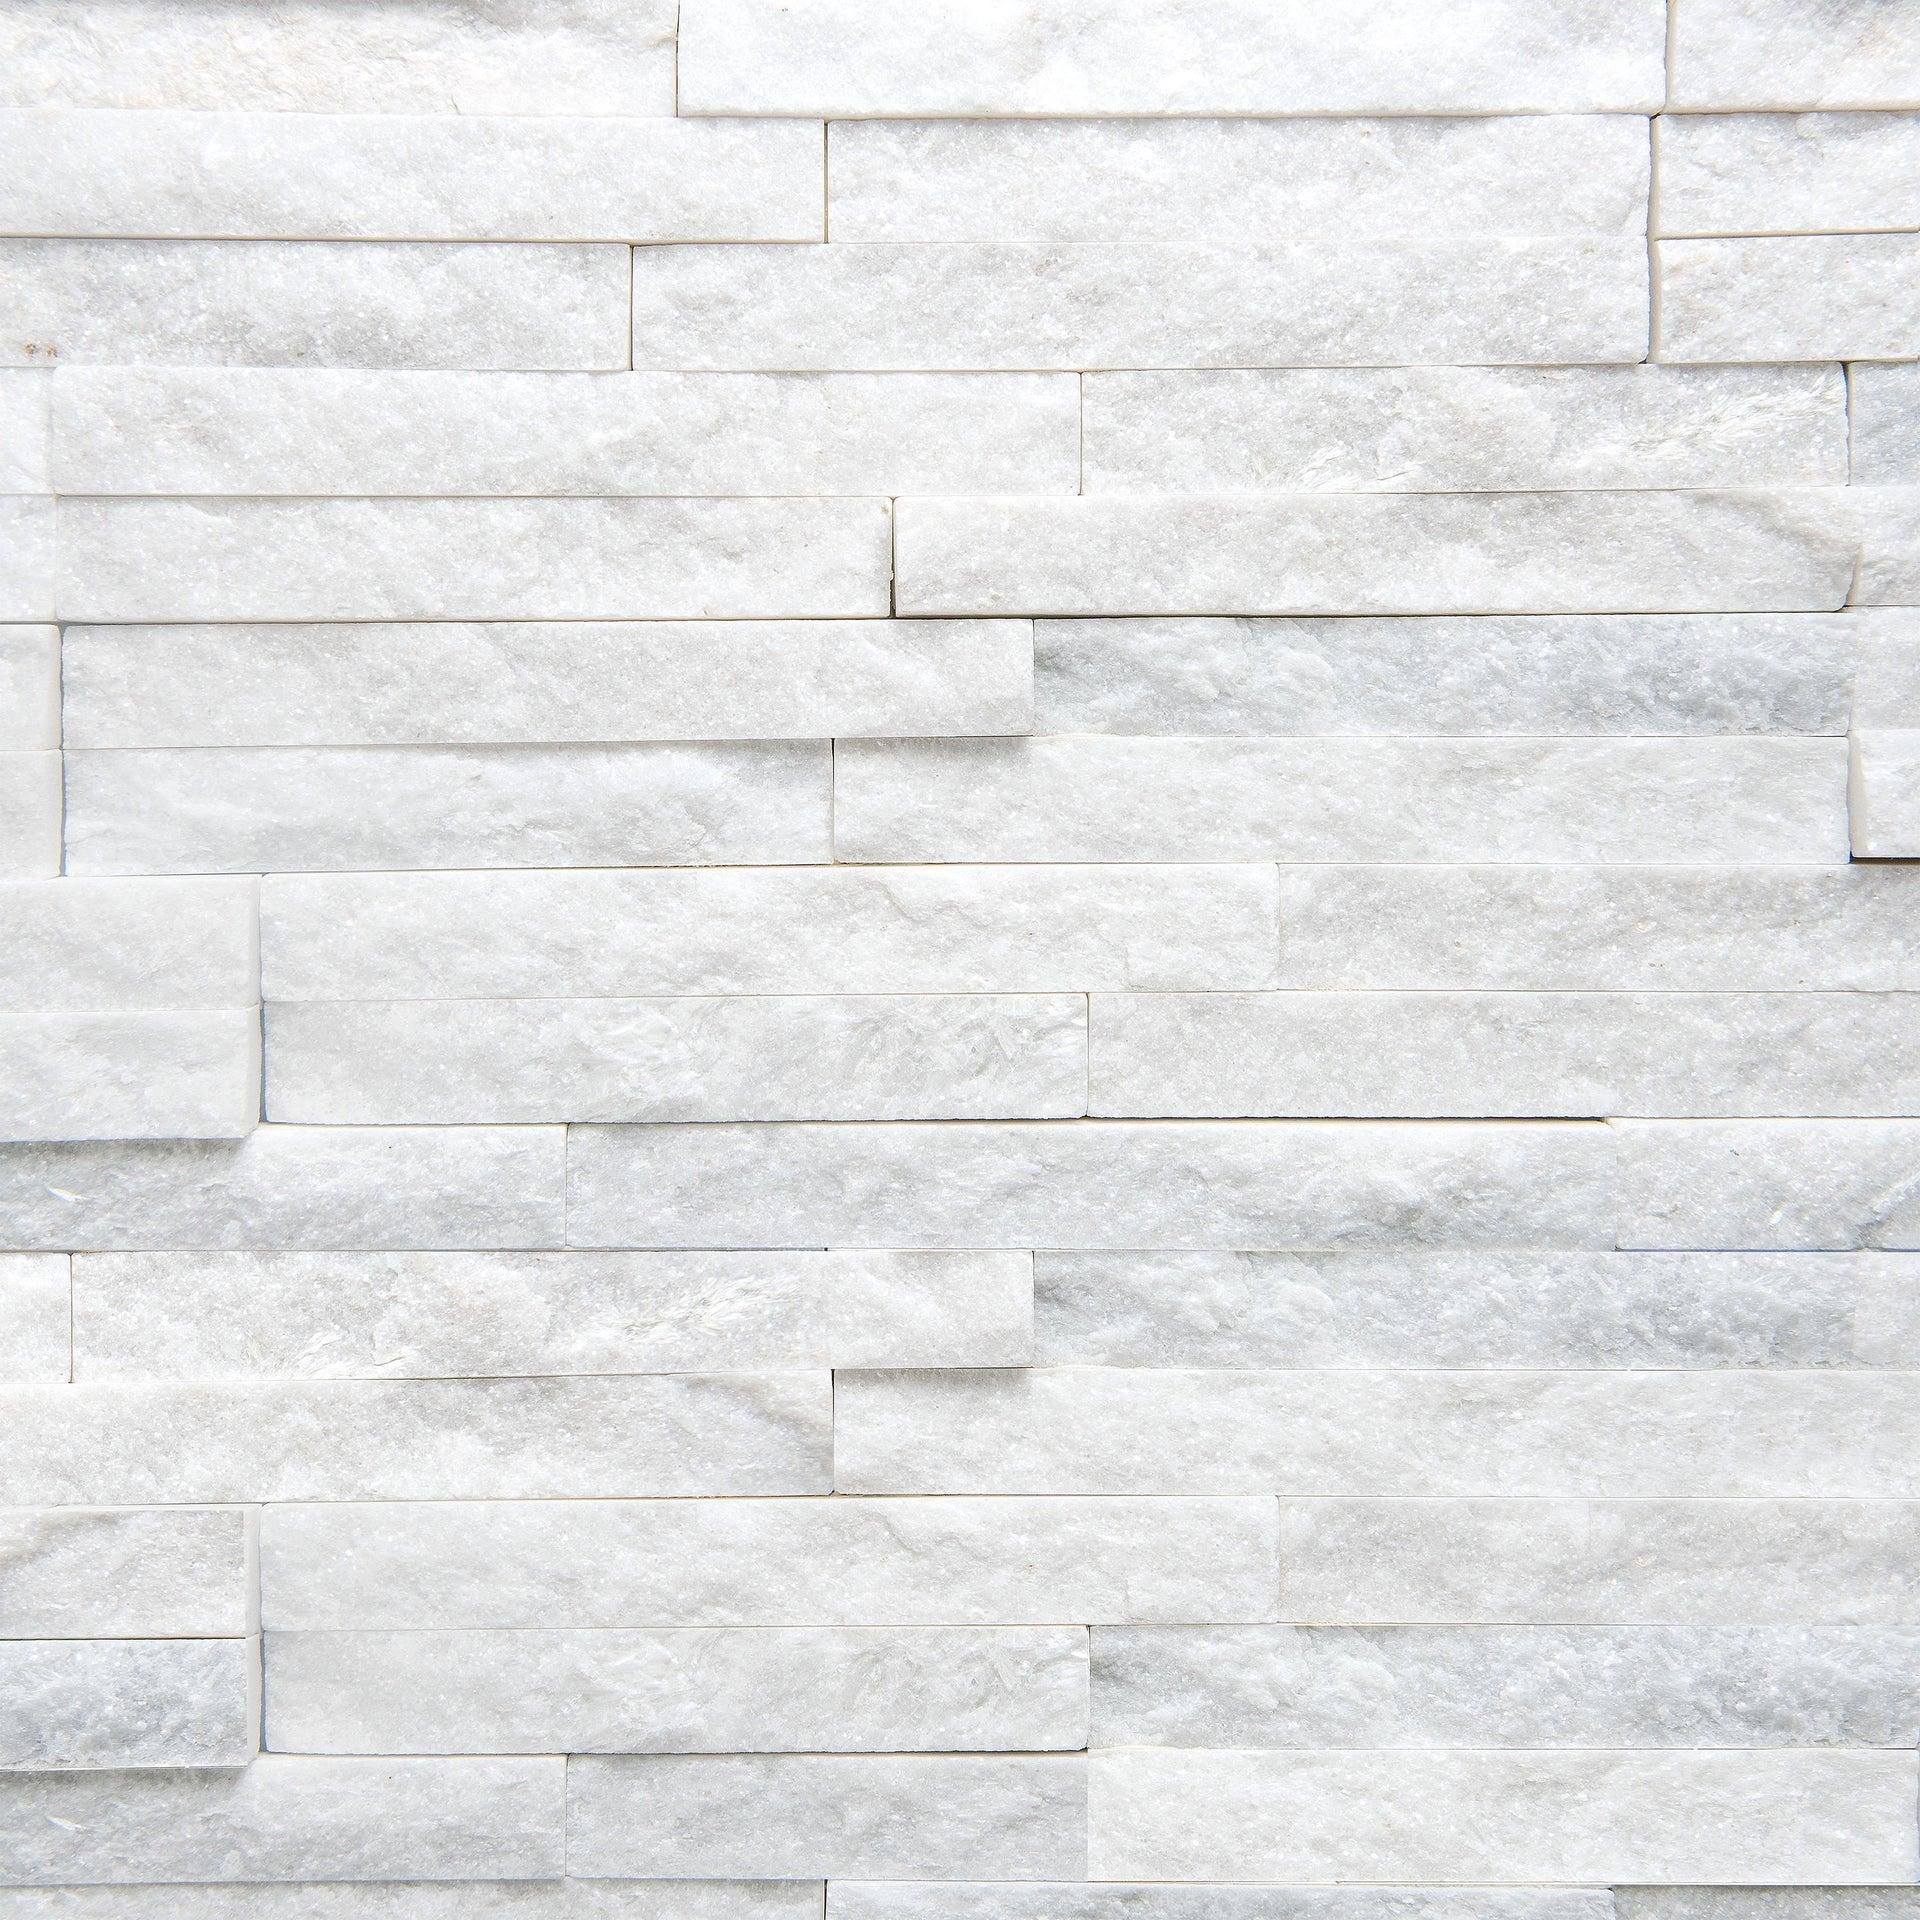 Rivestimento strutturato in pietra naturale Jimara L 36 x L 10 cm, Sp 12 mm interno / esterno - 6